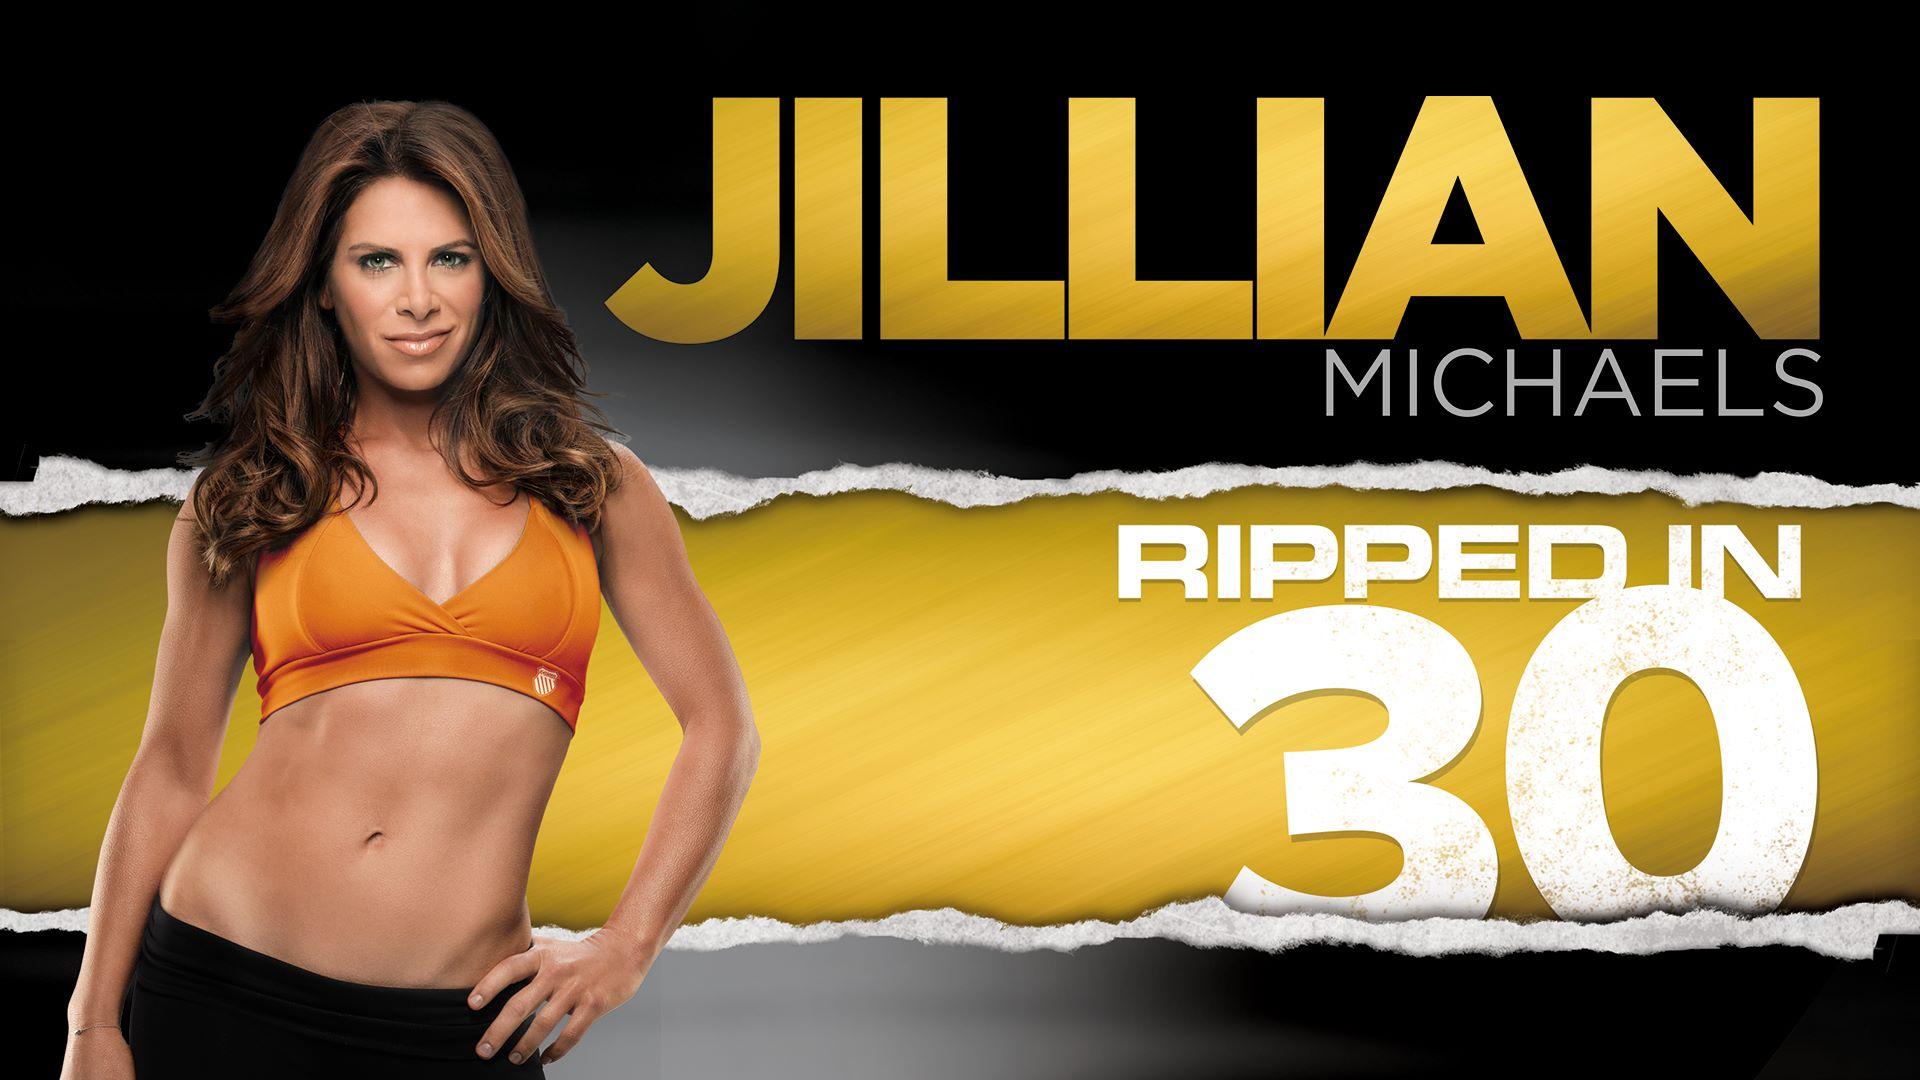 Jillian Michaels: Ripped in 30